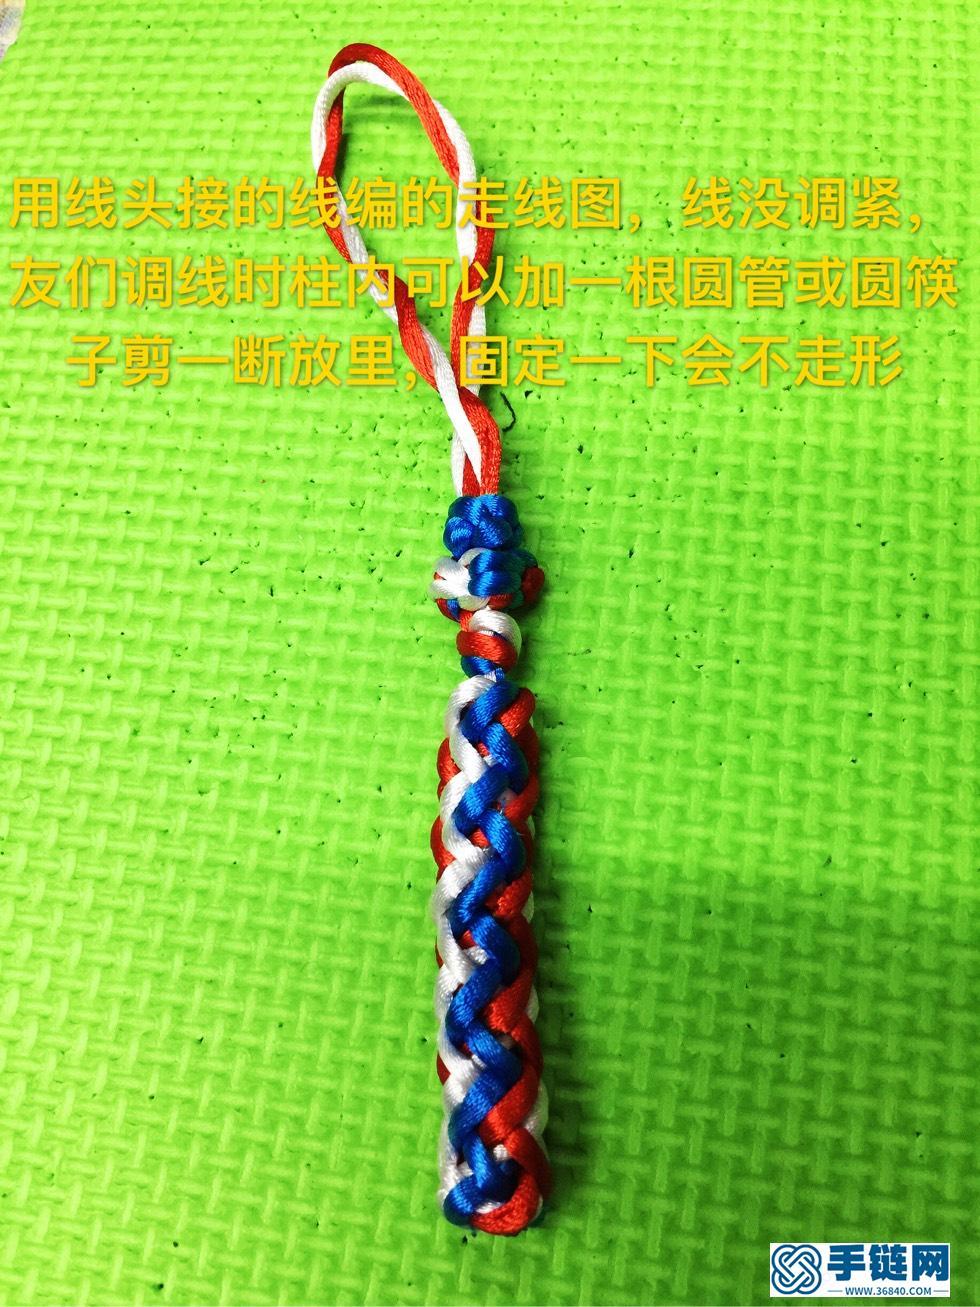 美国队长彩色球棒(仿)编绳教程-完整编法步骤